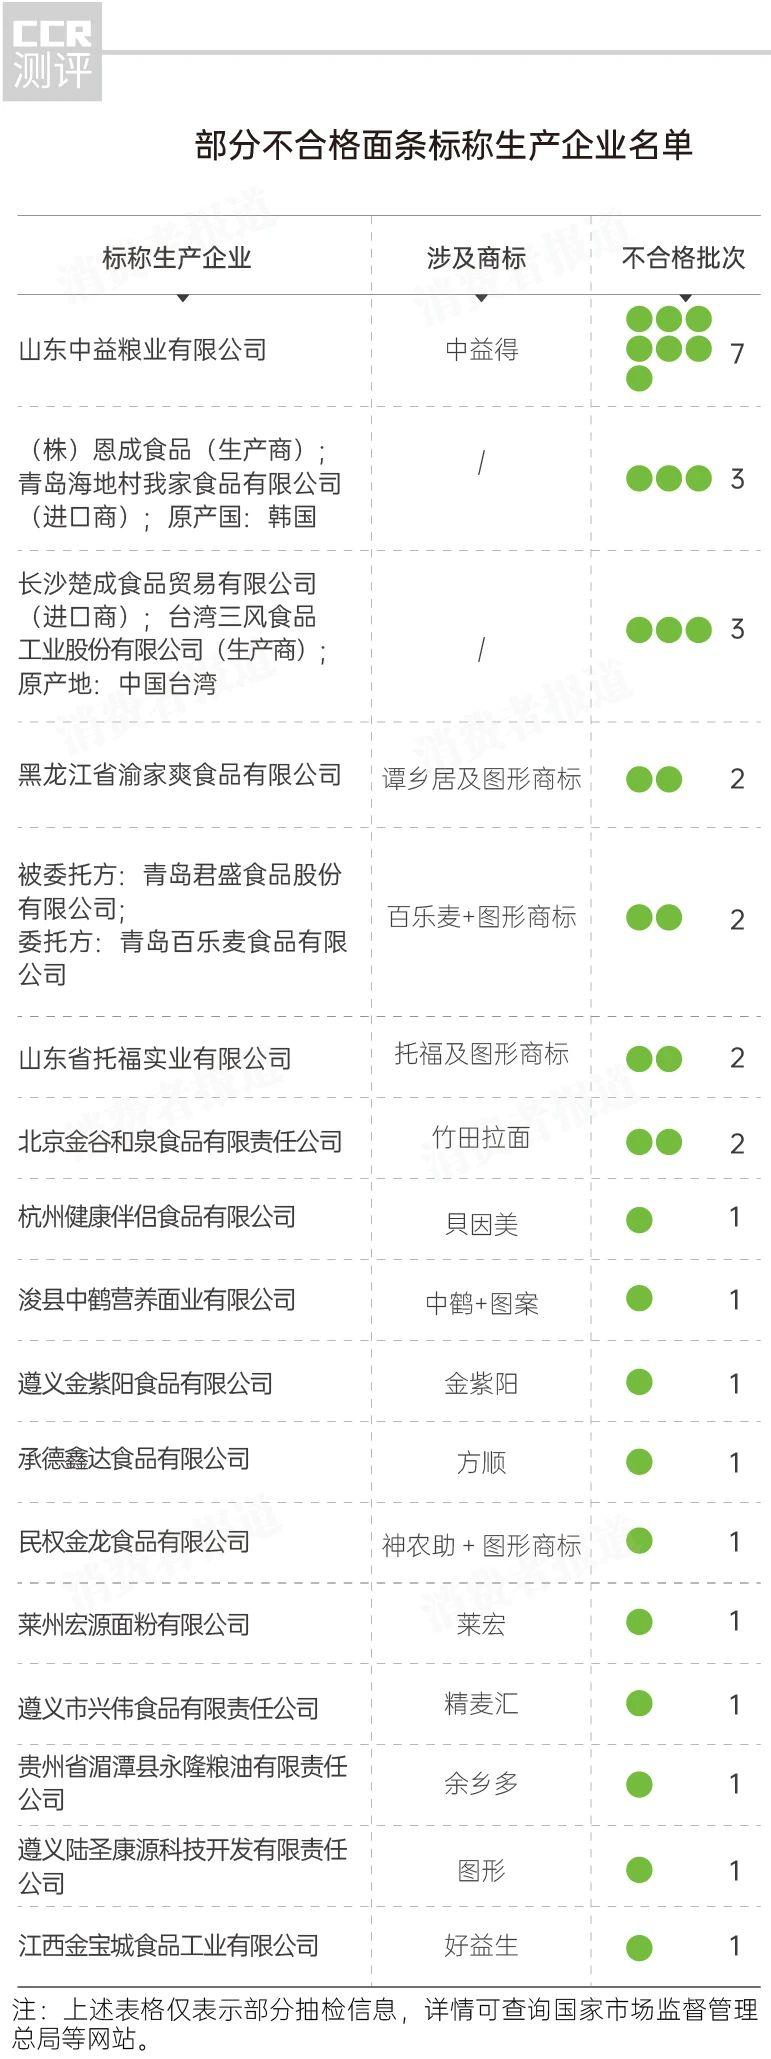 """全国面条抽检报告:中鹤、貝因美上""""黑榜"""";另有9批次添加防晒霜常见成分插图(1)"""